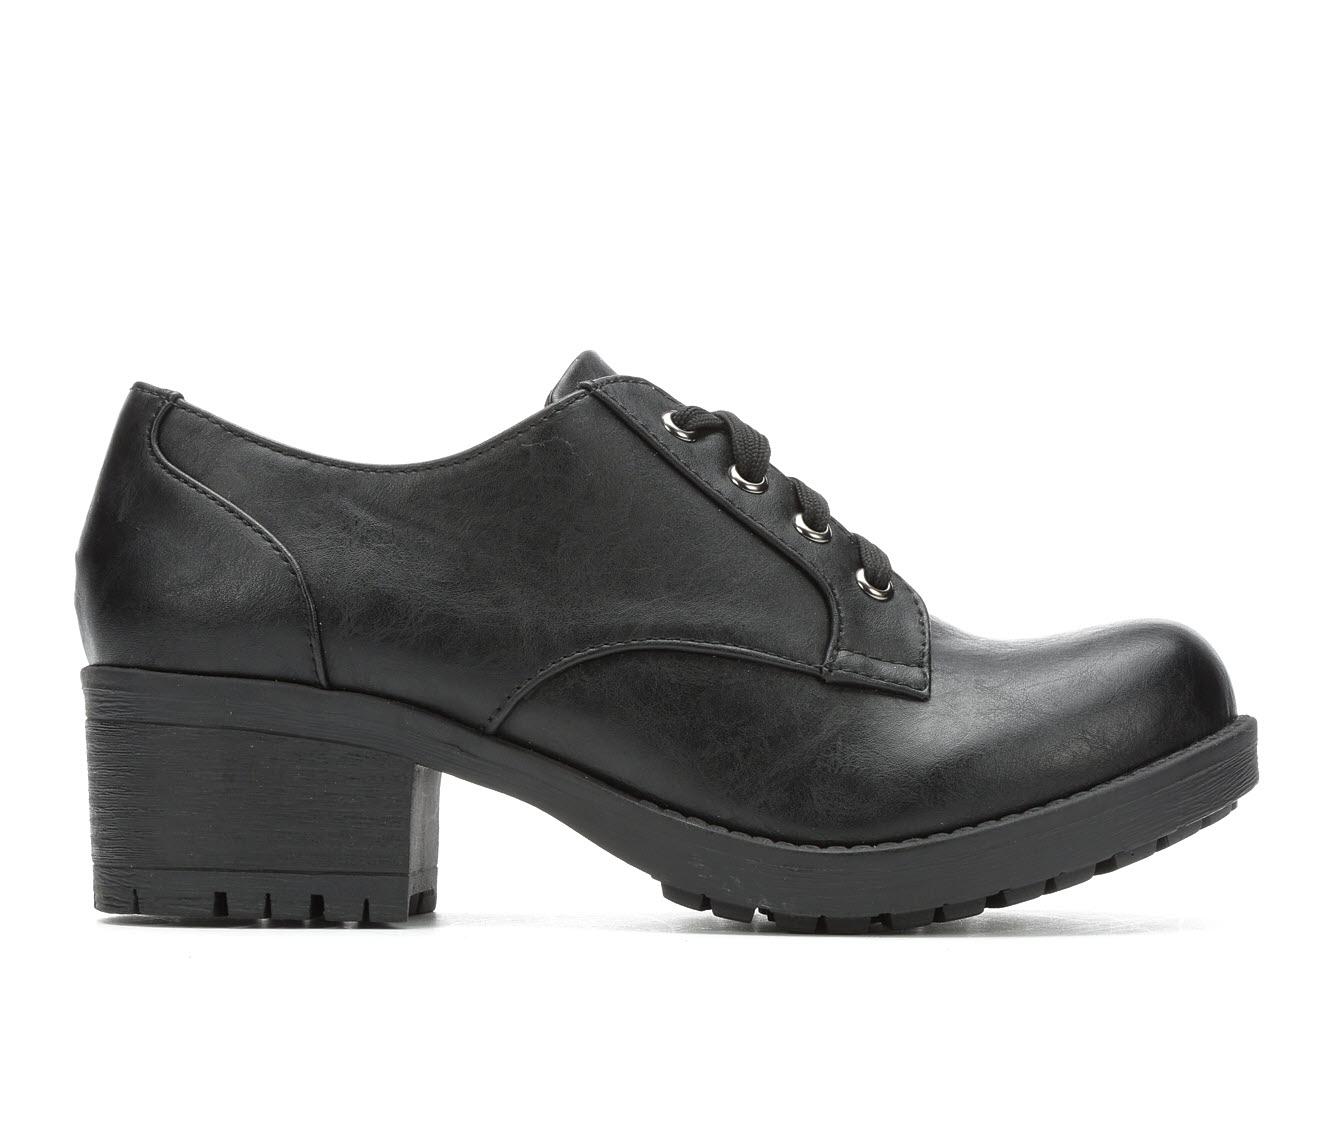 Unr8ed Pixie Women's Shoe (Black Faux Leather)